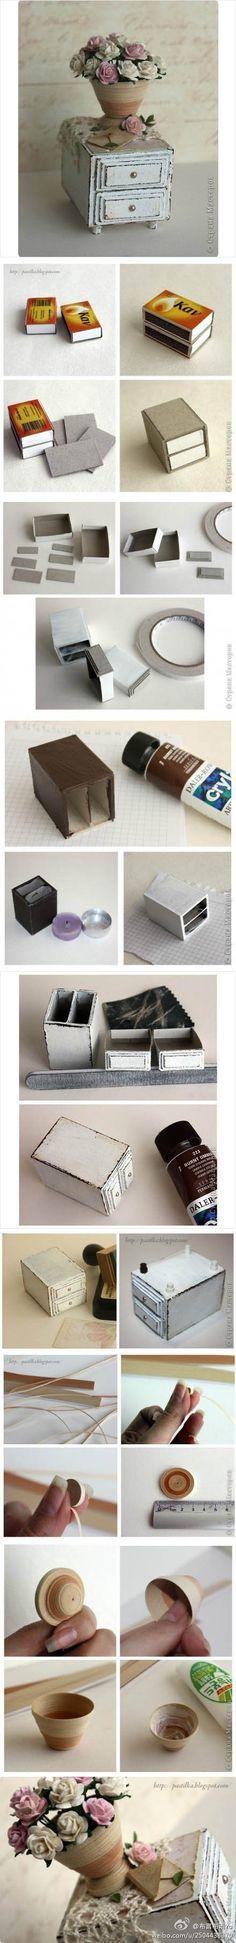 DIY: Matchbox Nightstand & Paper Vase